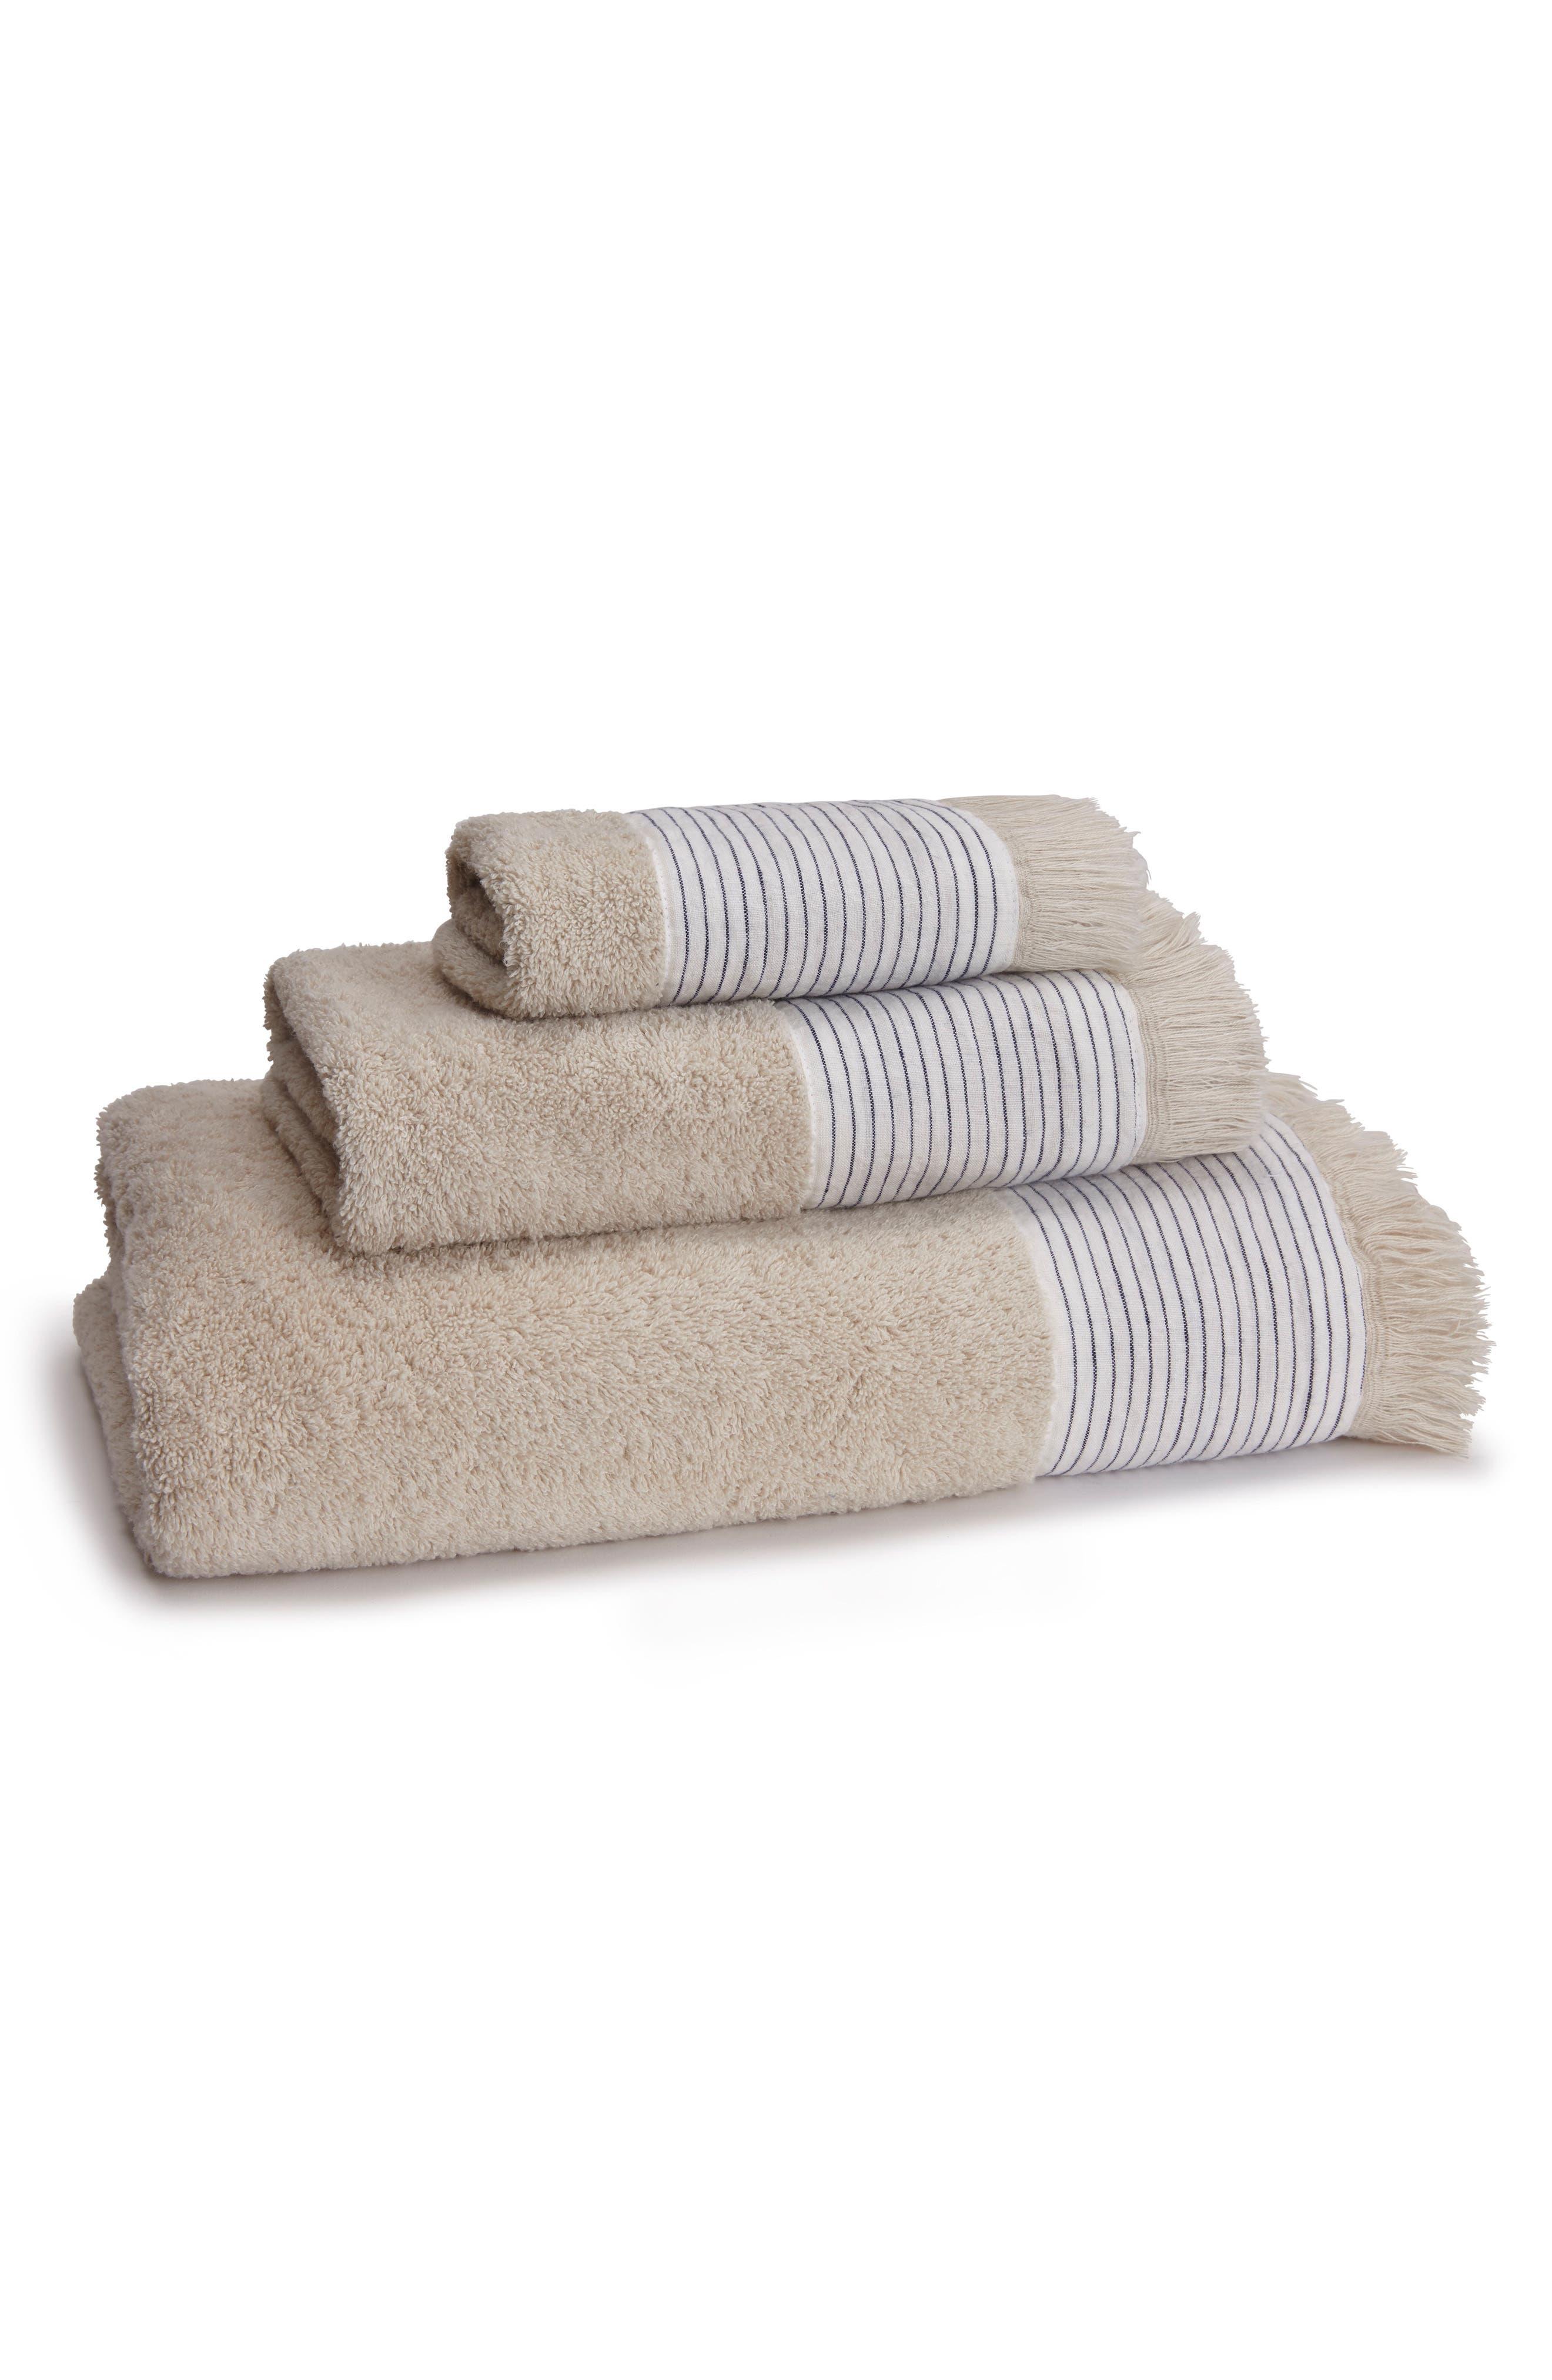 KASSATEX Amagansett Tip Towel